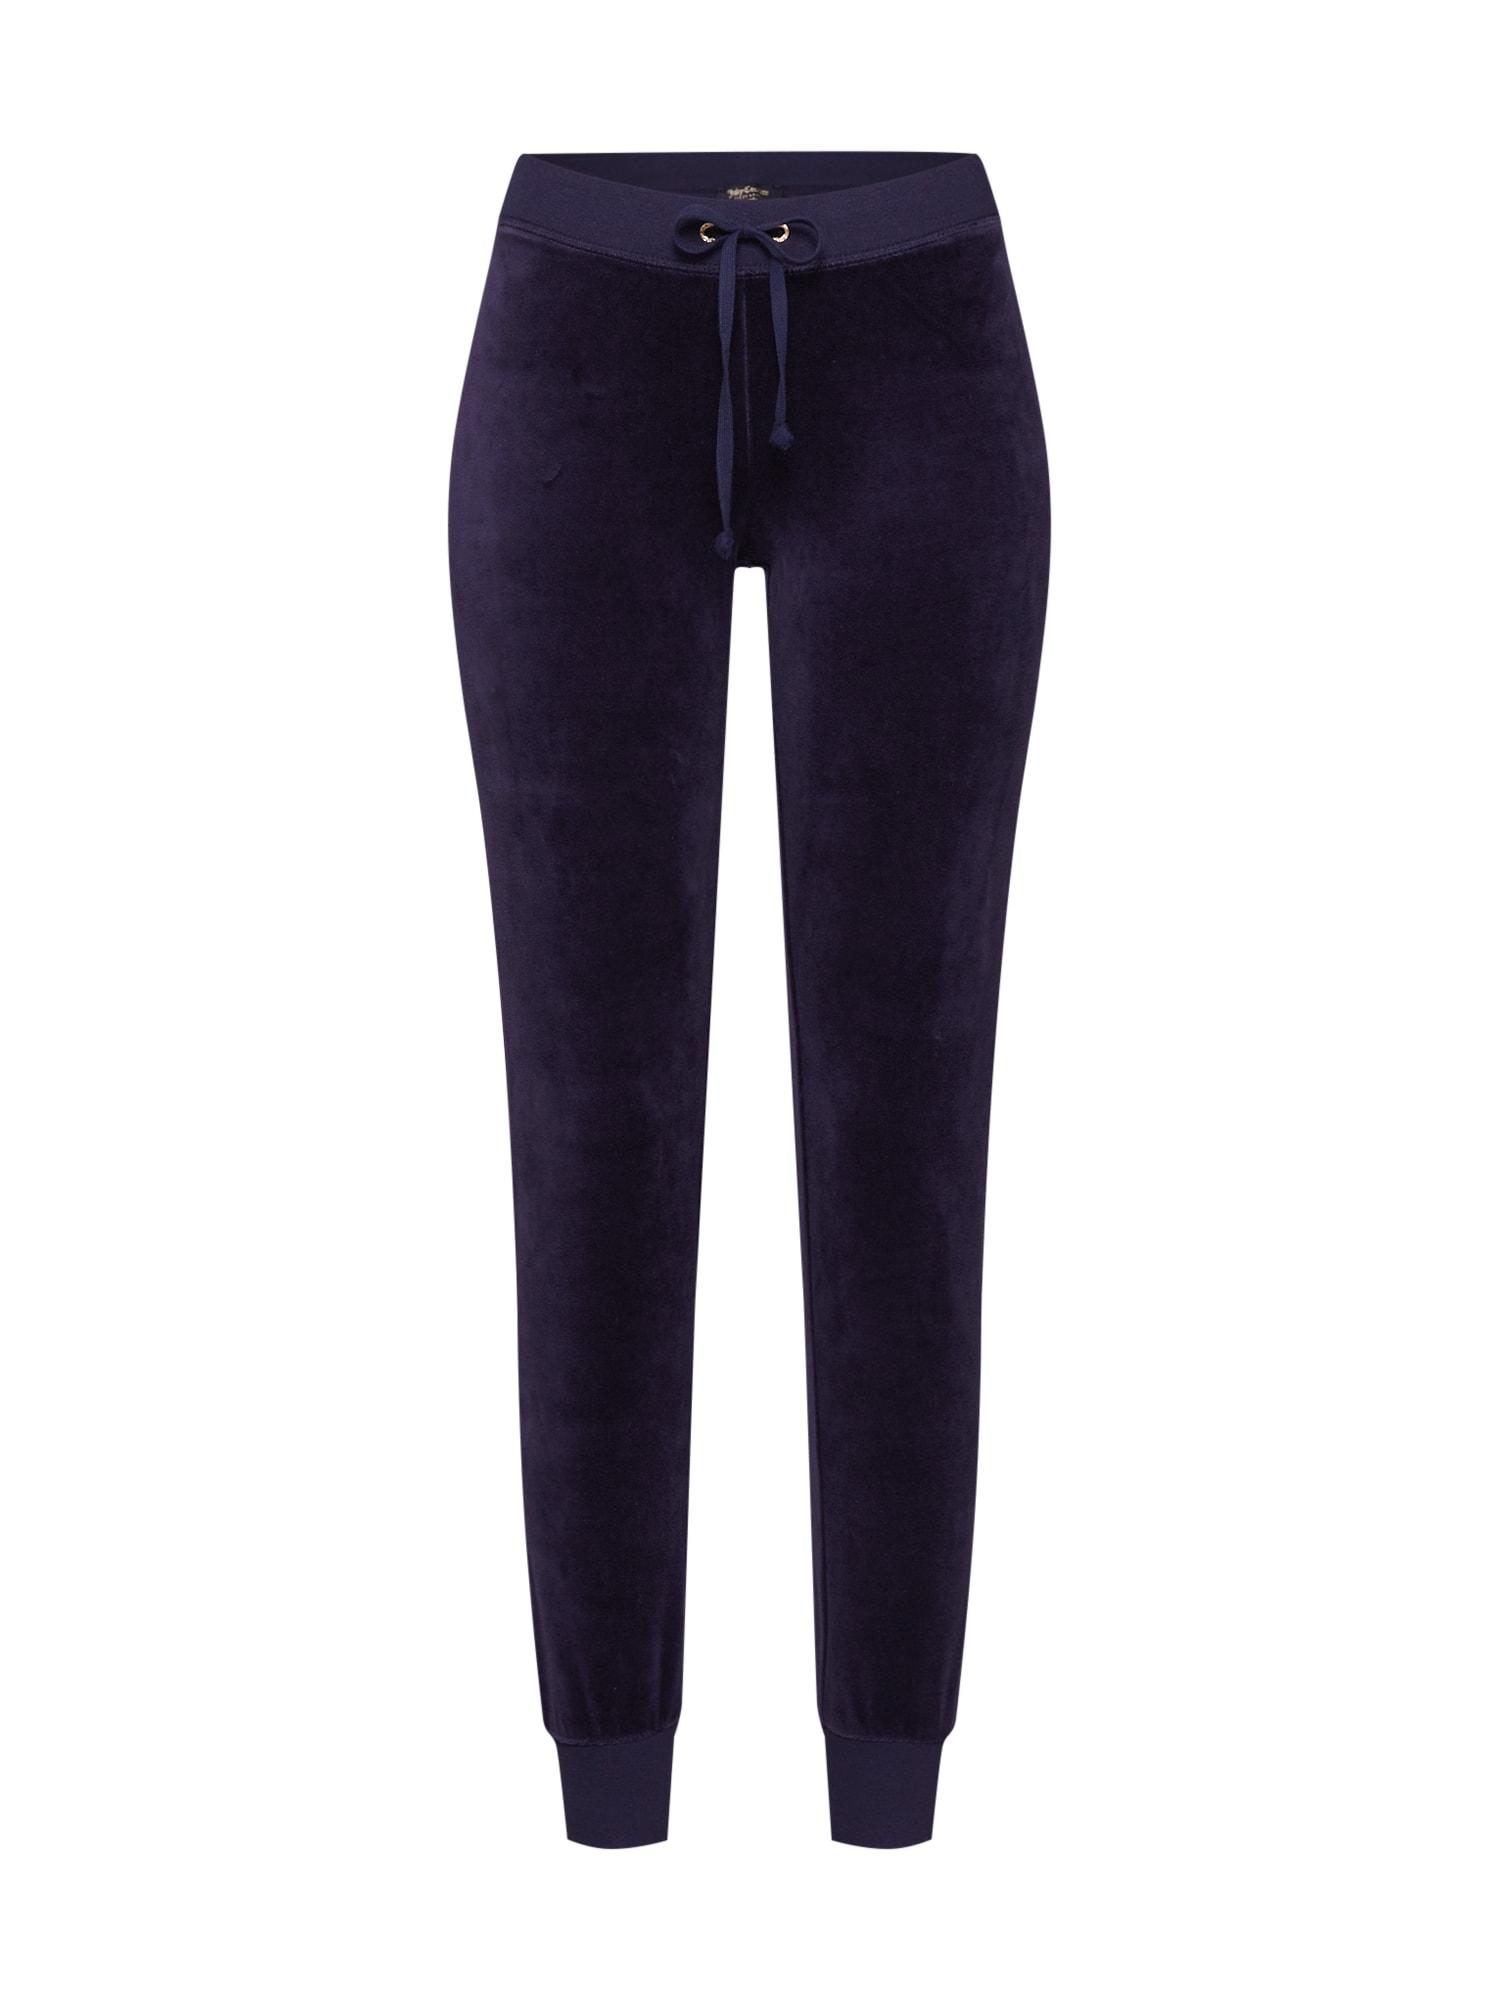 Kalhoty Velour Zuma noční modrá Juicy Couture Black Label